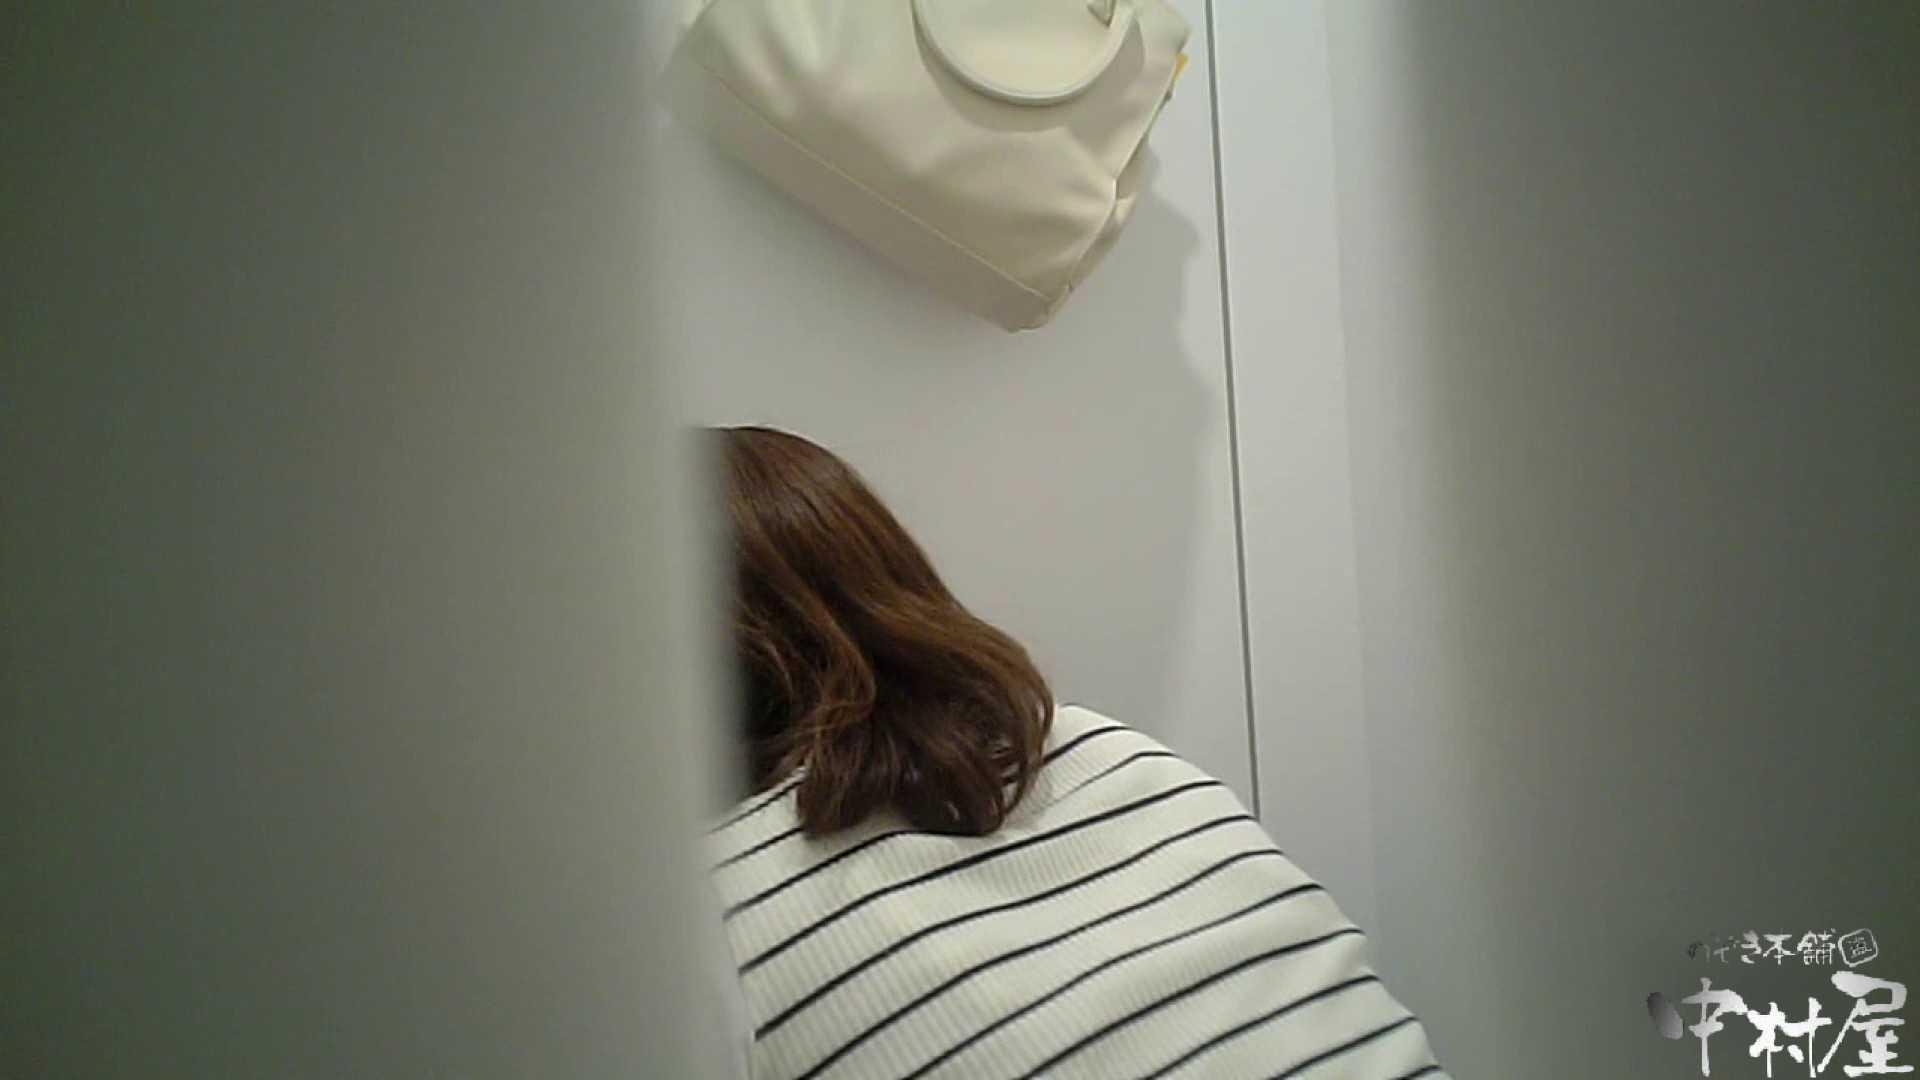 【某有名大学女性洗面所】有名大学女性洗面所 vol.37 ついでにアンダーヘアーの状態確認ですね。 OL  48連発 46